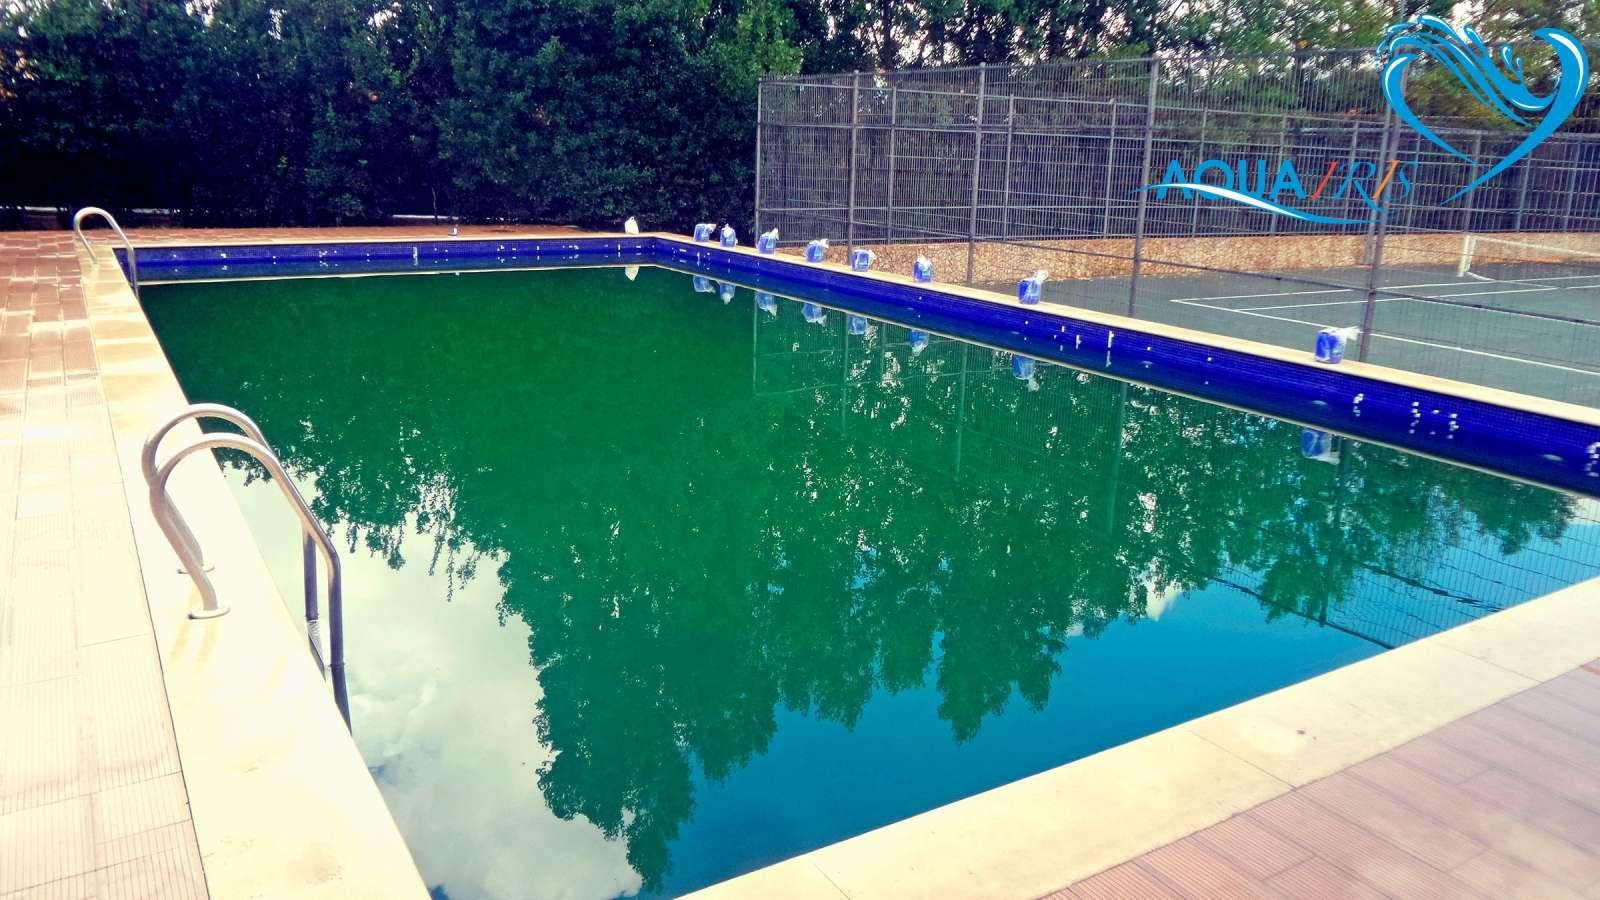 Tratamento da gua verde da piscina em manique servi os for Aclarar agua piscina verde